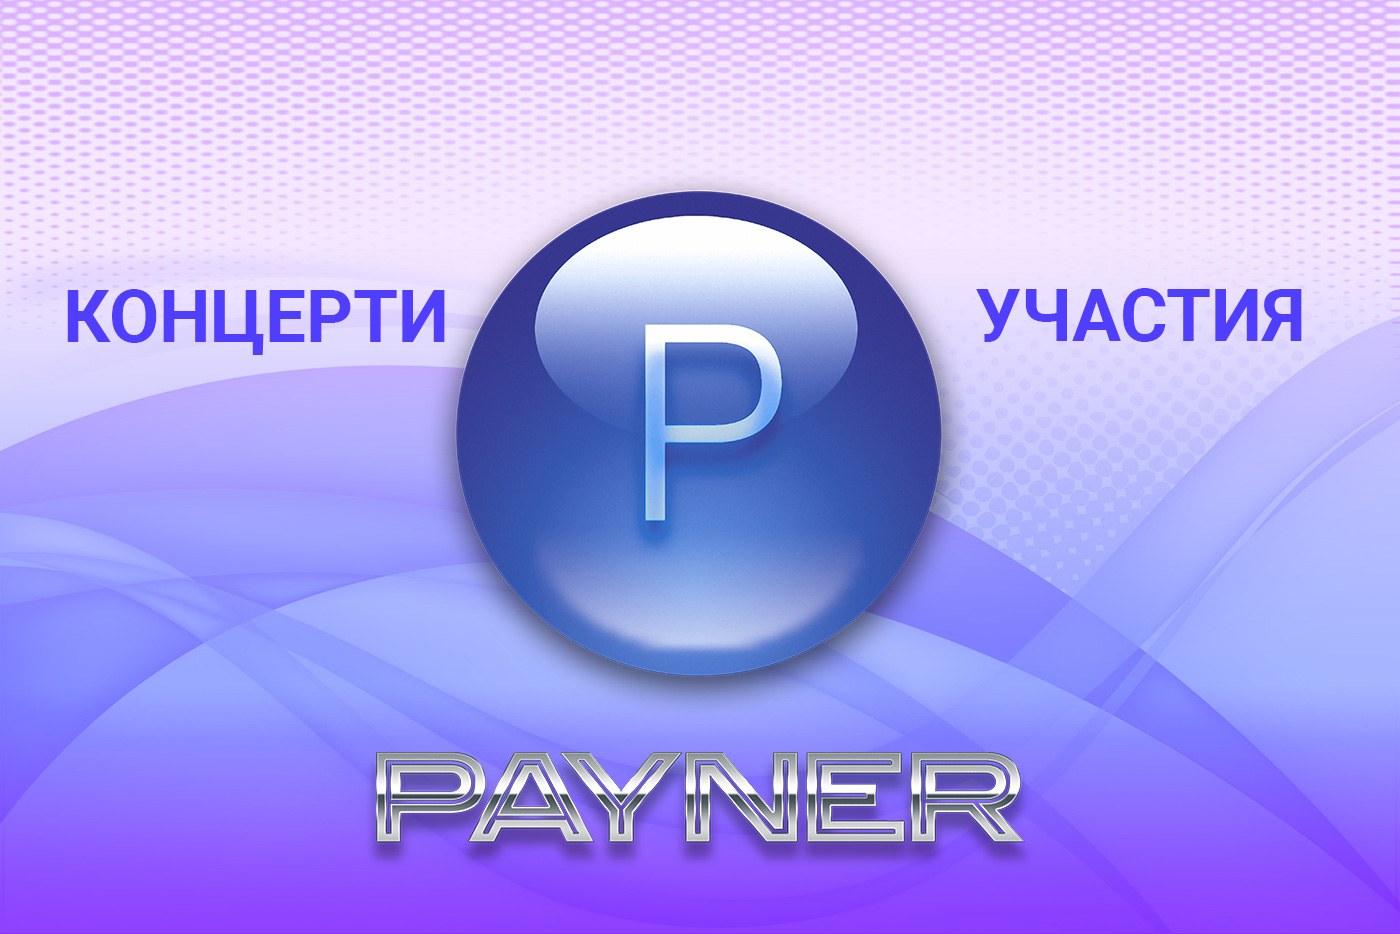 """Участия на звездите на """"Пайнер"""" на 08.07.2020"""